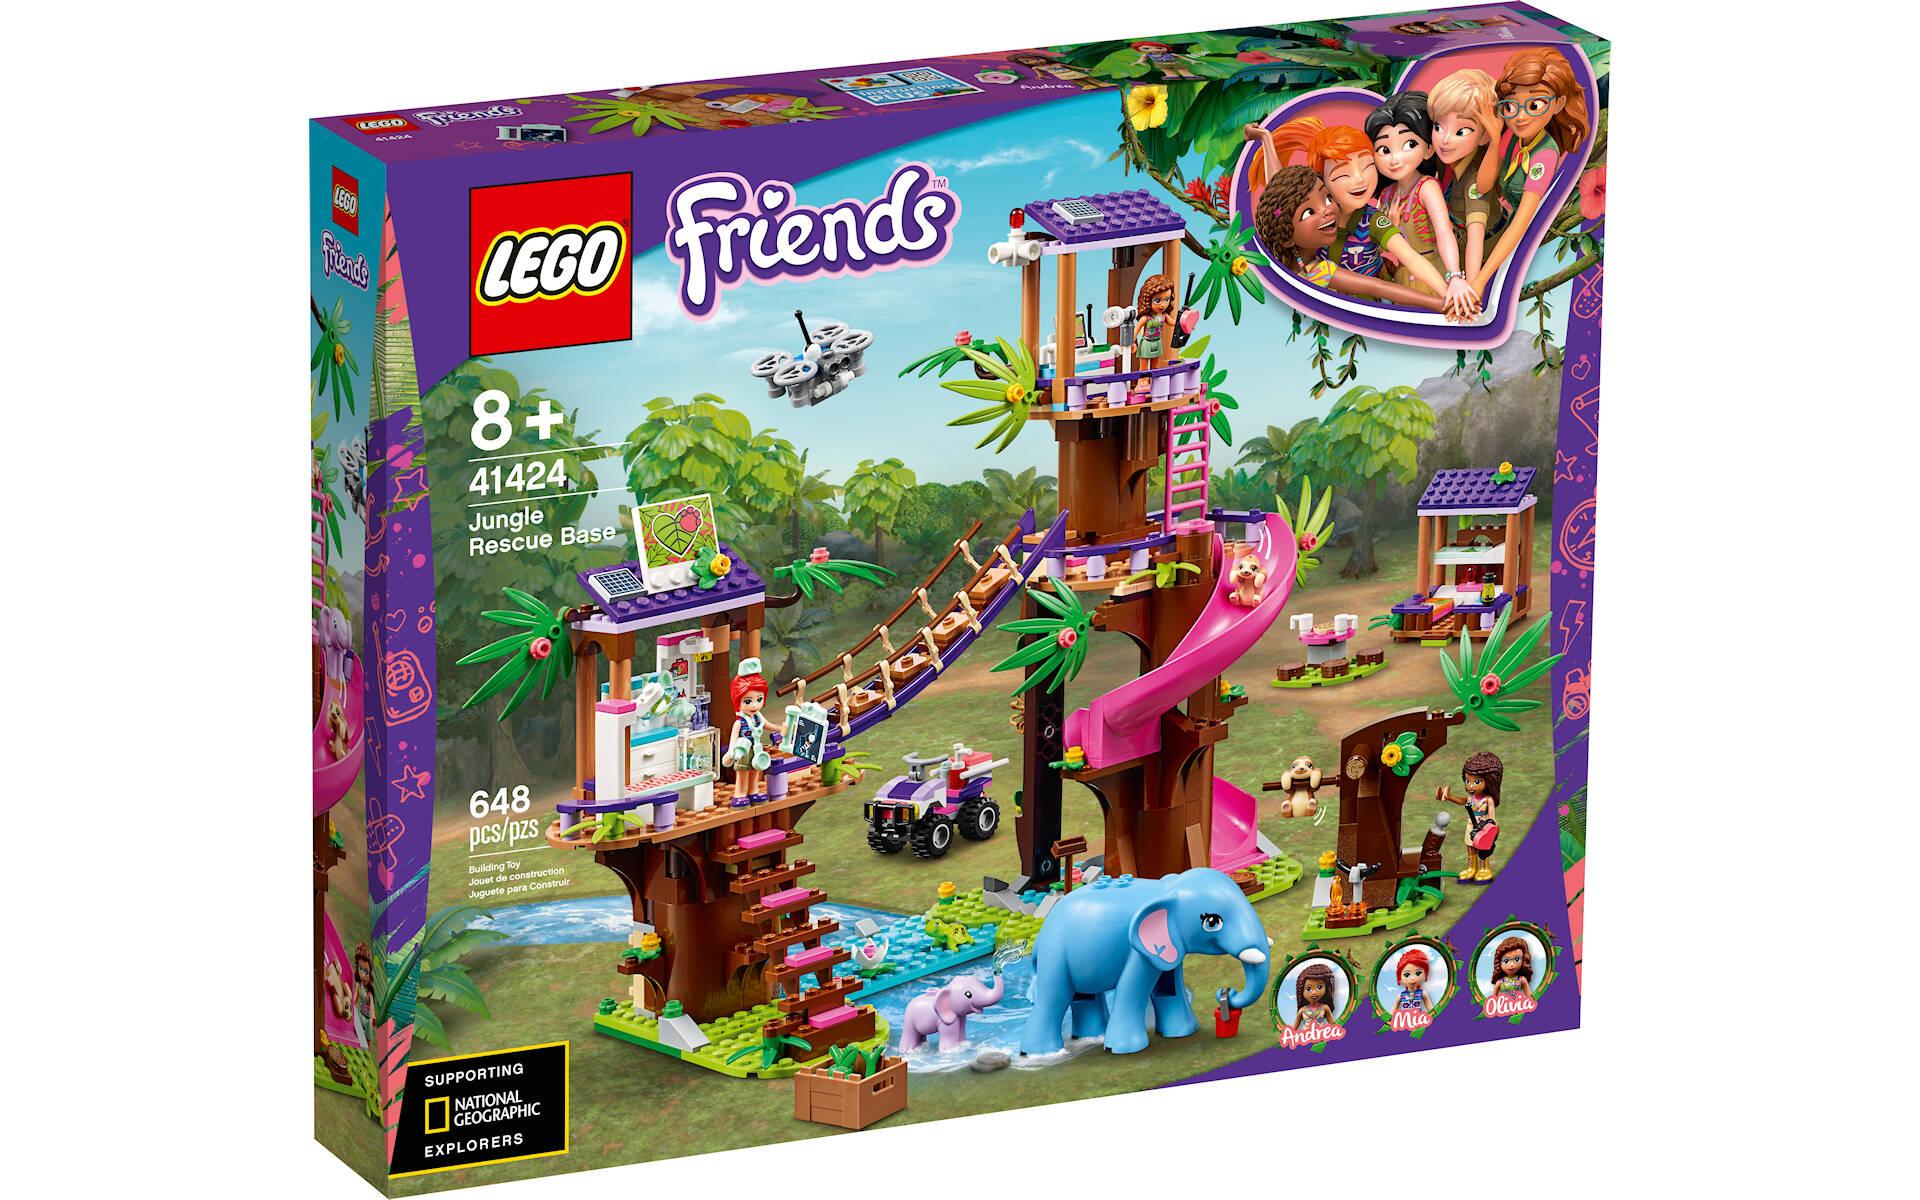 I migliori set LEGO - Autunno 2020